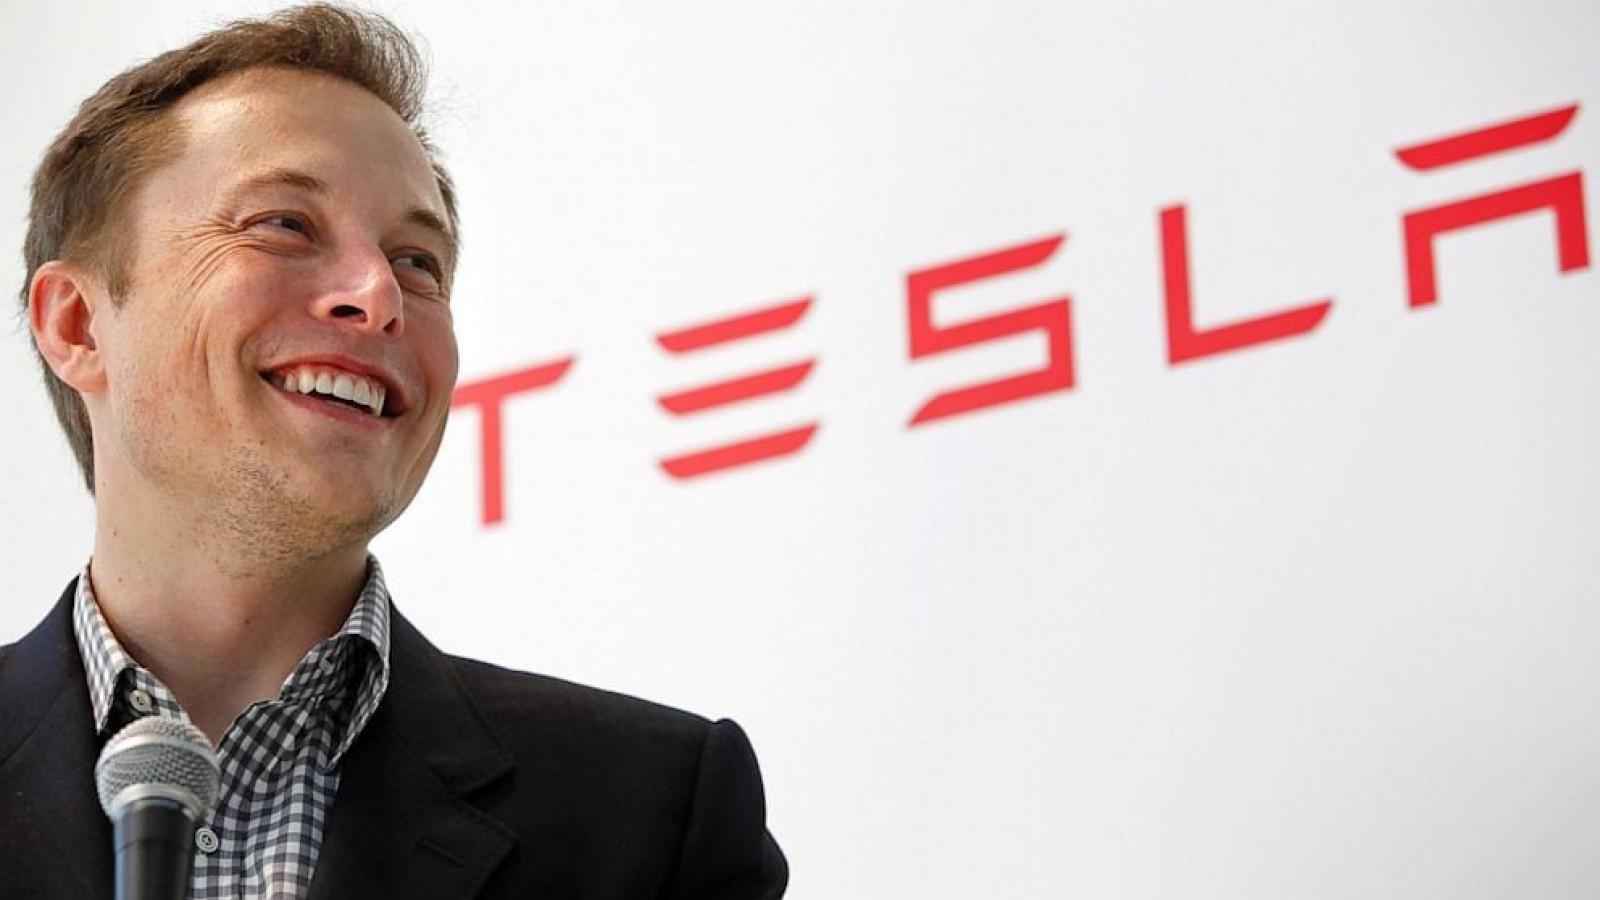 Elon Musk este gata să scoată Tesla de la bursă! O acţiune trebuie să ajungă doar la 420 de dolari